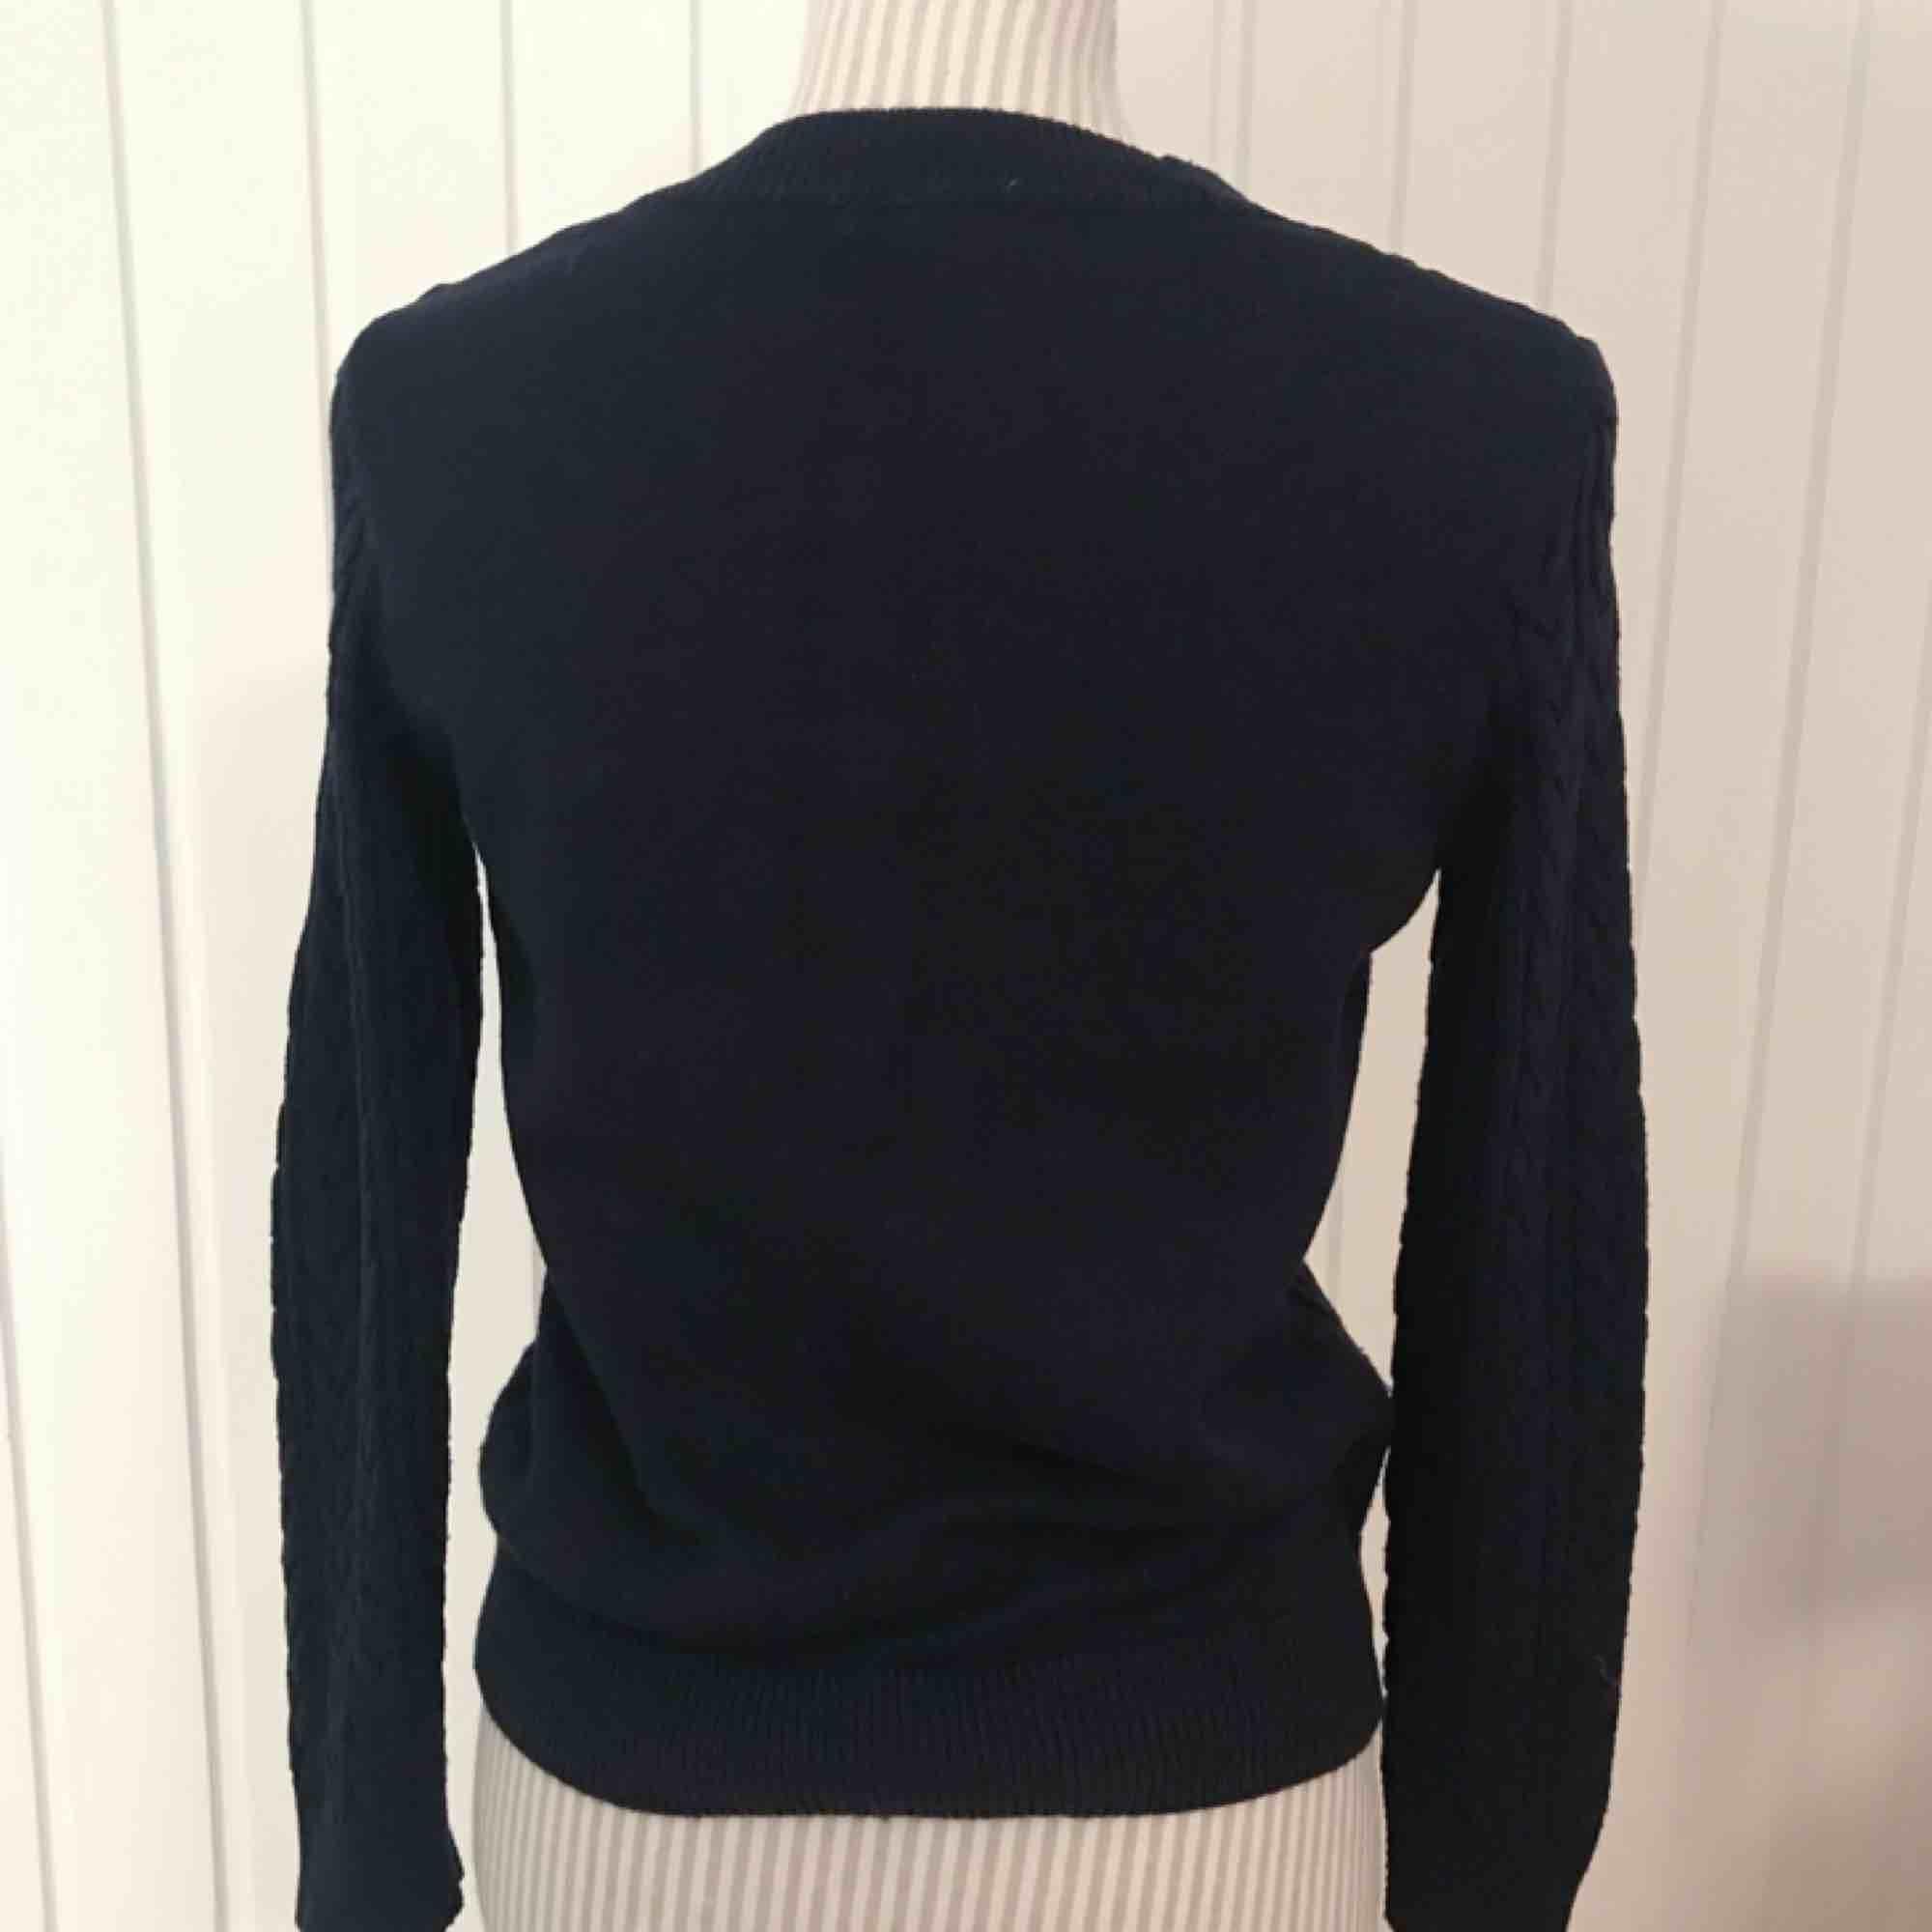 Blå kabelstickad tröja från H&M i fint skick! Frakt på 55 kr tillkommer 🌟. Tröjor & Koftor.